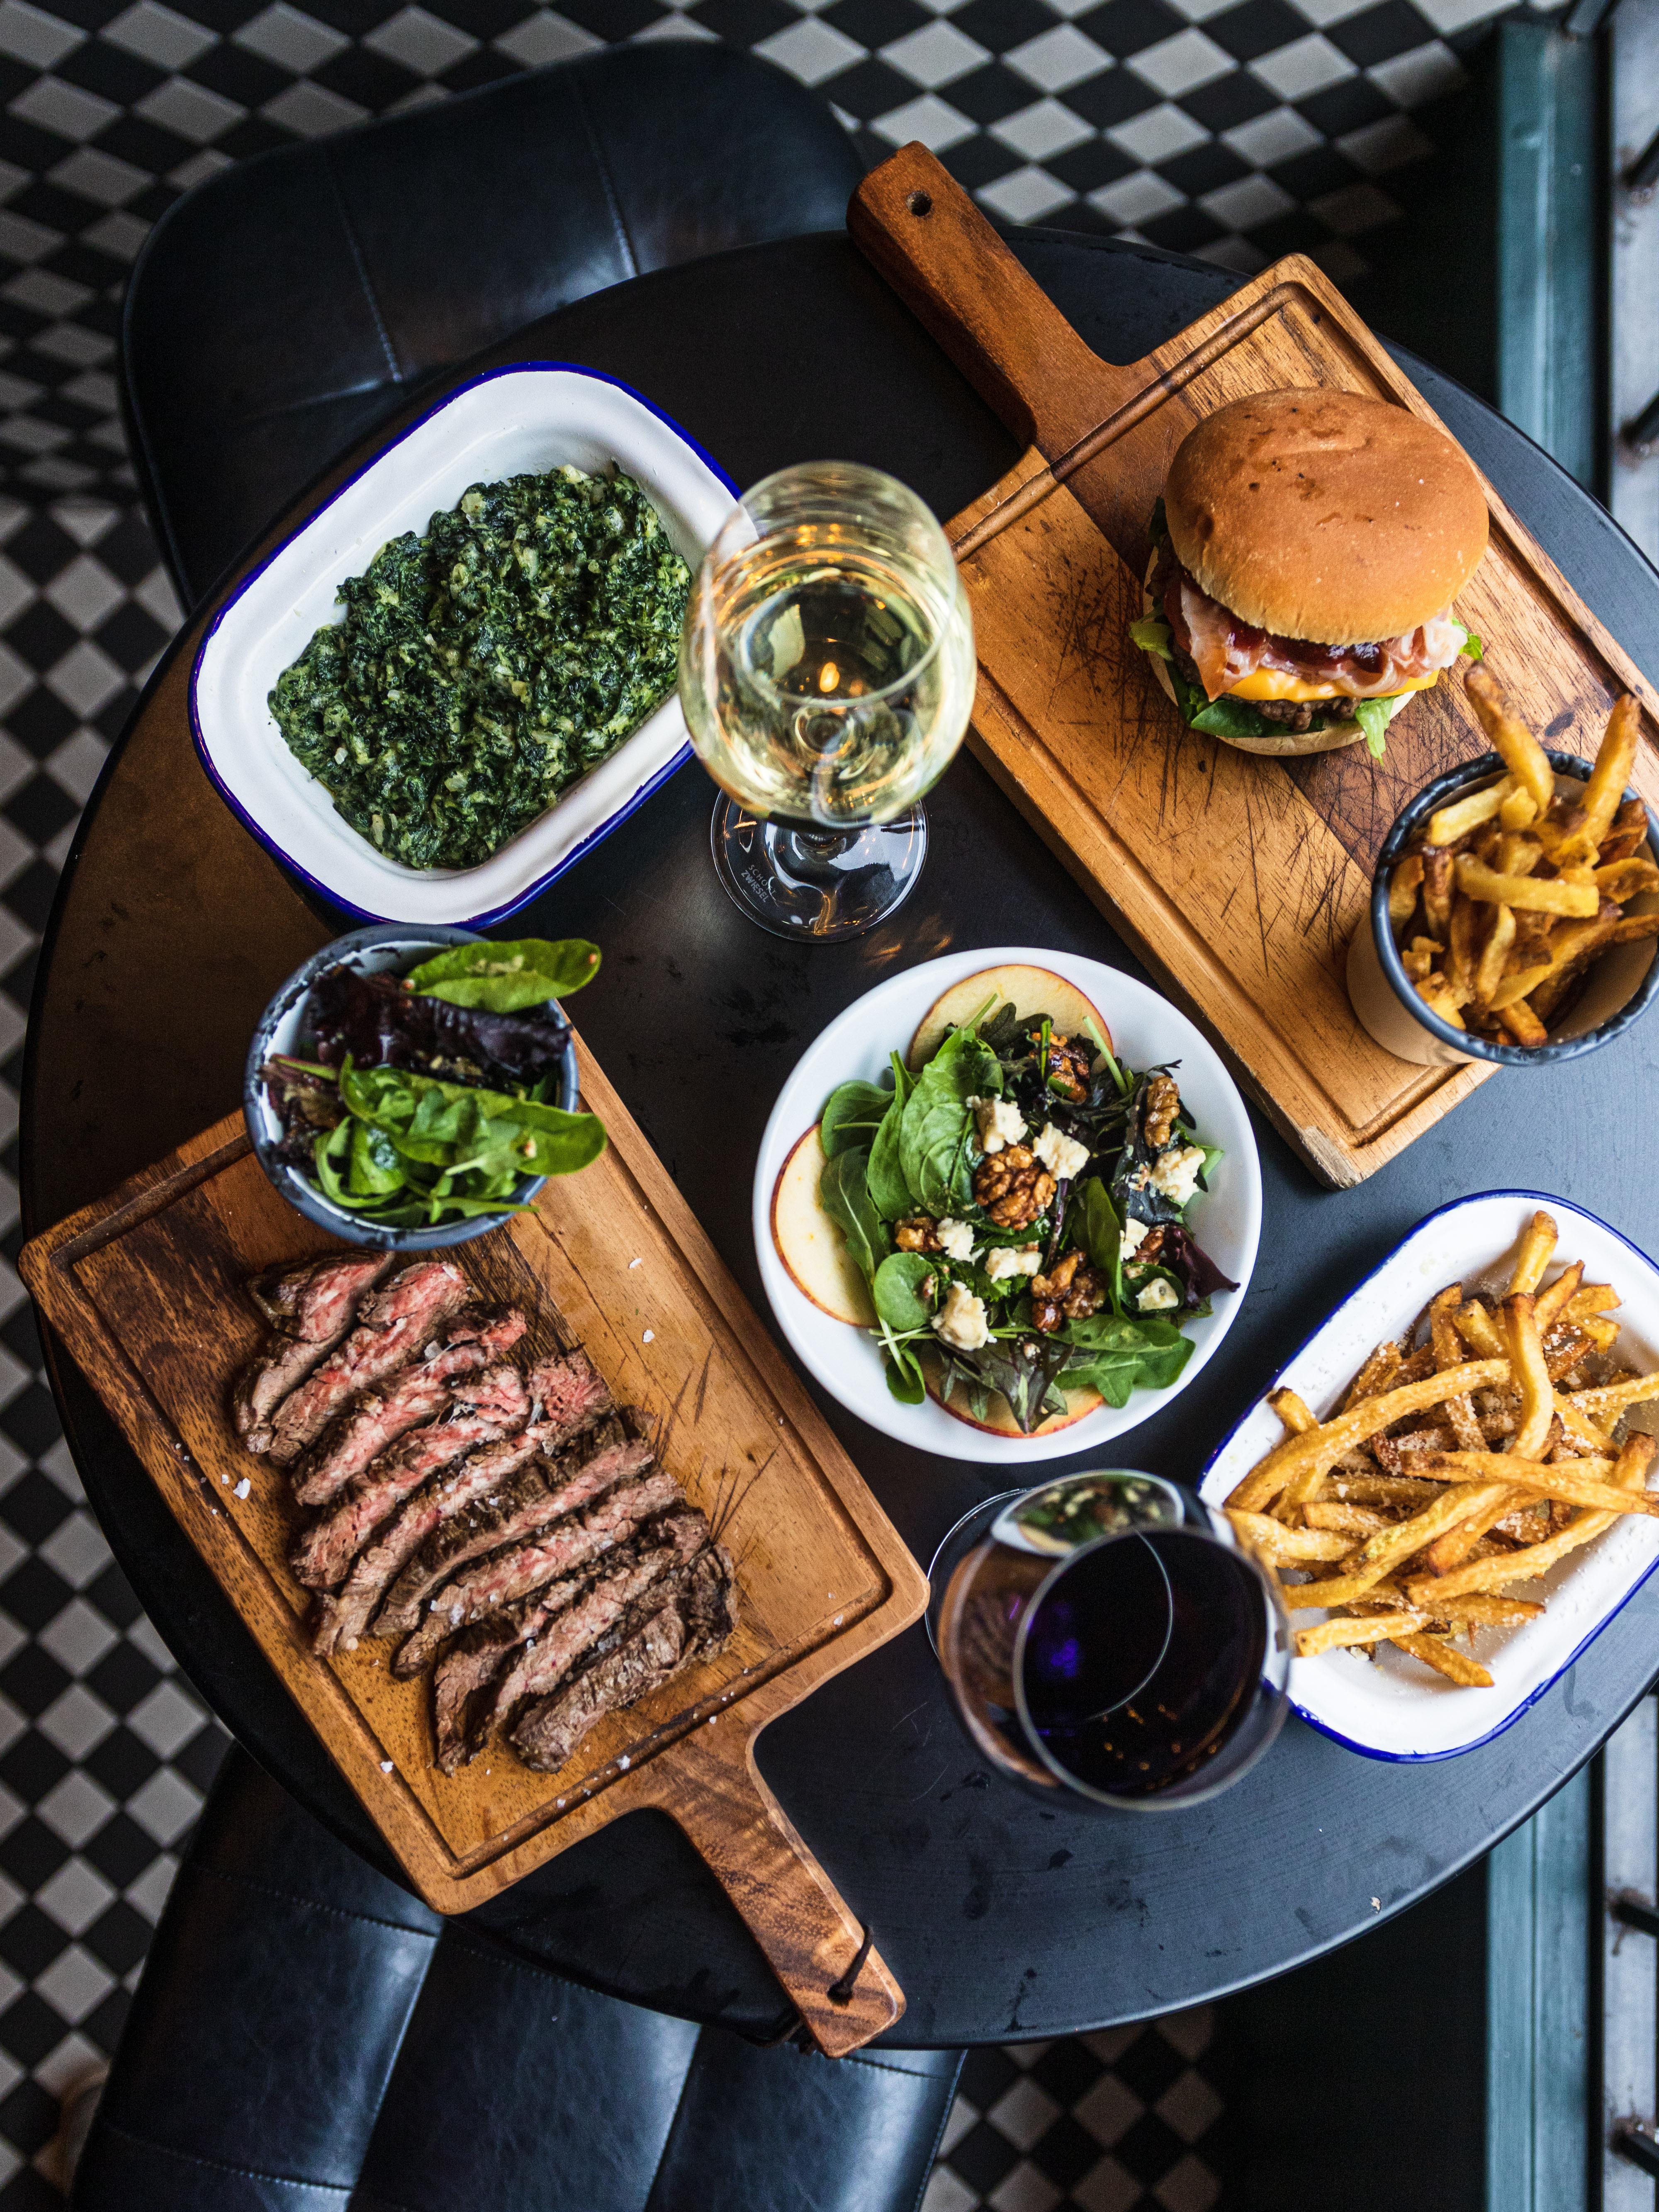 Best New Restaurants in London for October 2019 , Best New Restaurants in London October 2019, New Restaurants in London October 2019